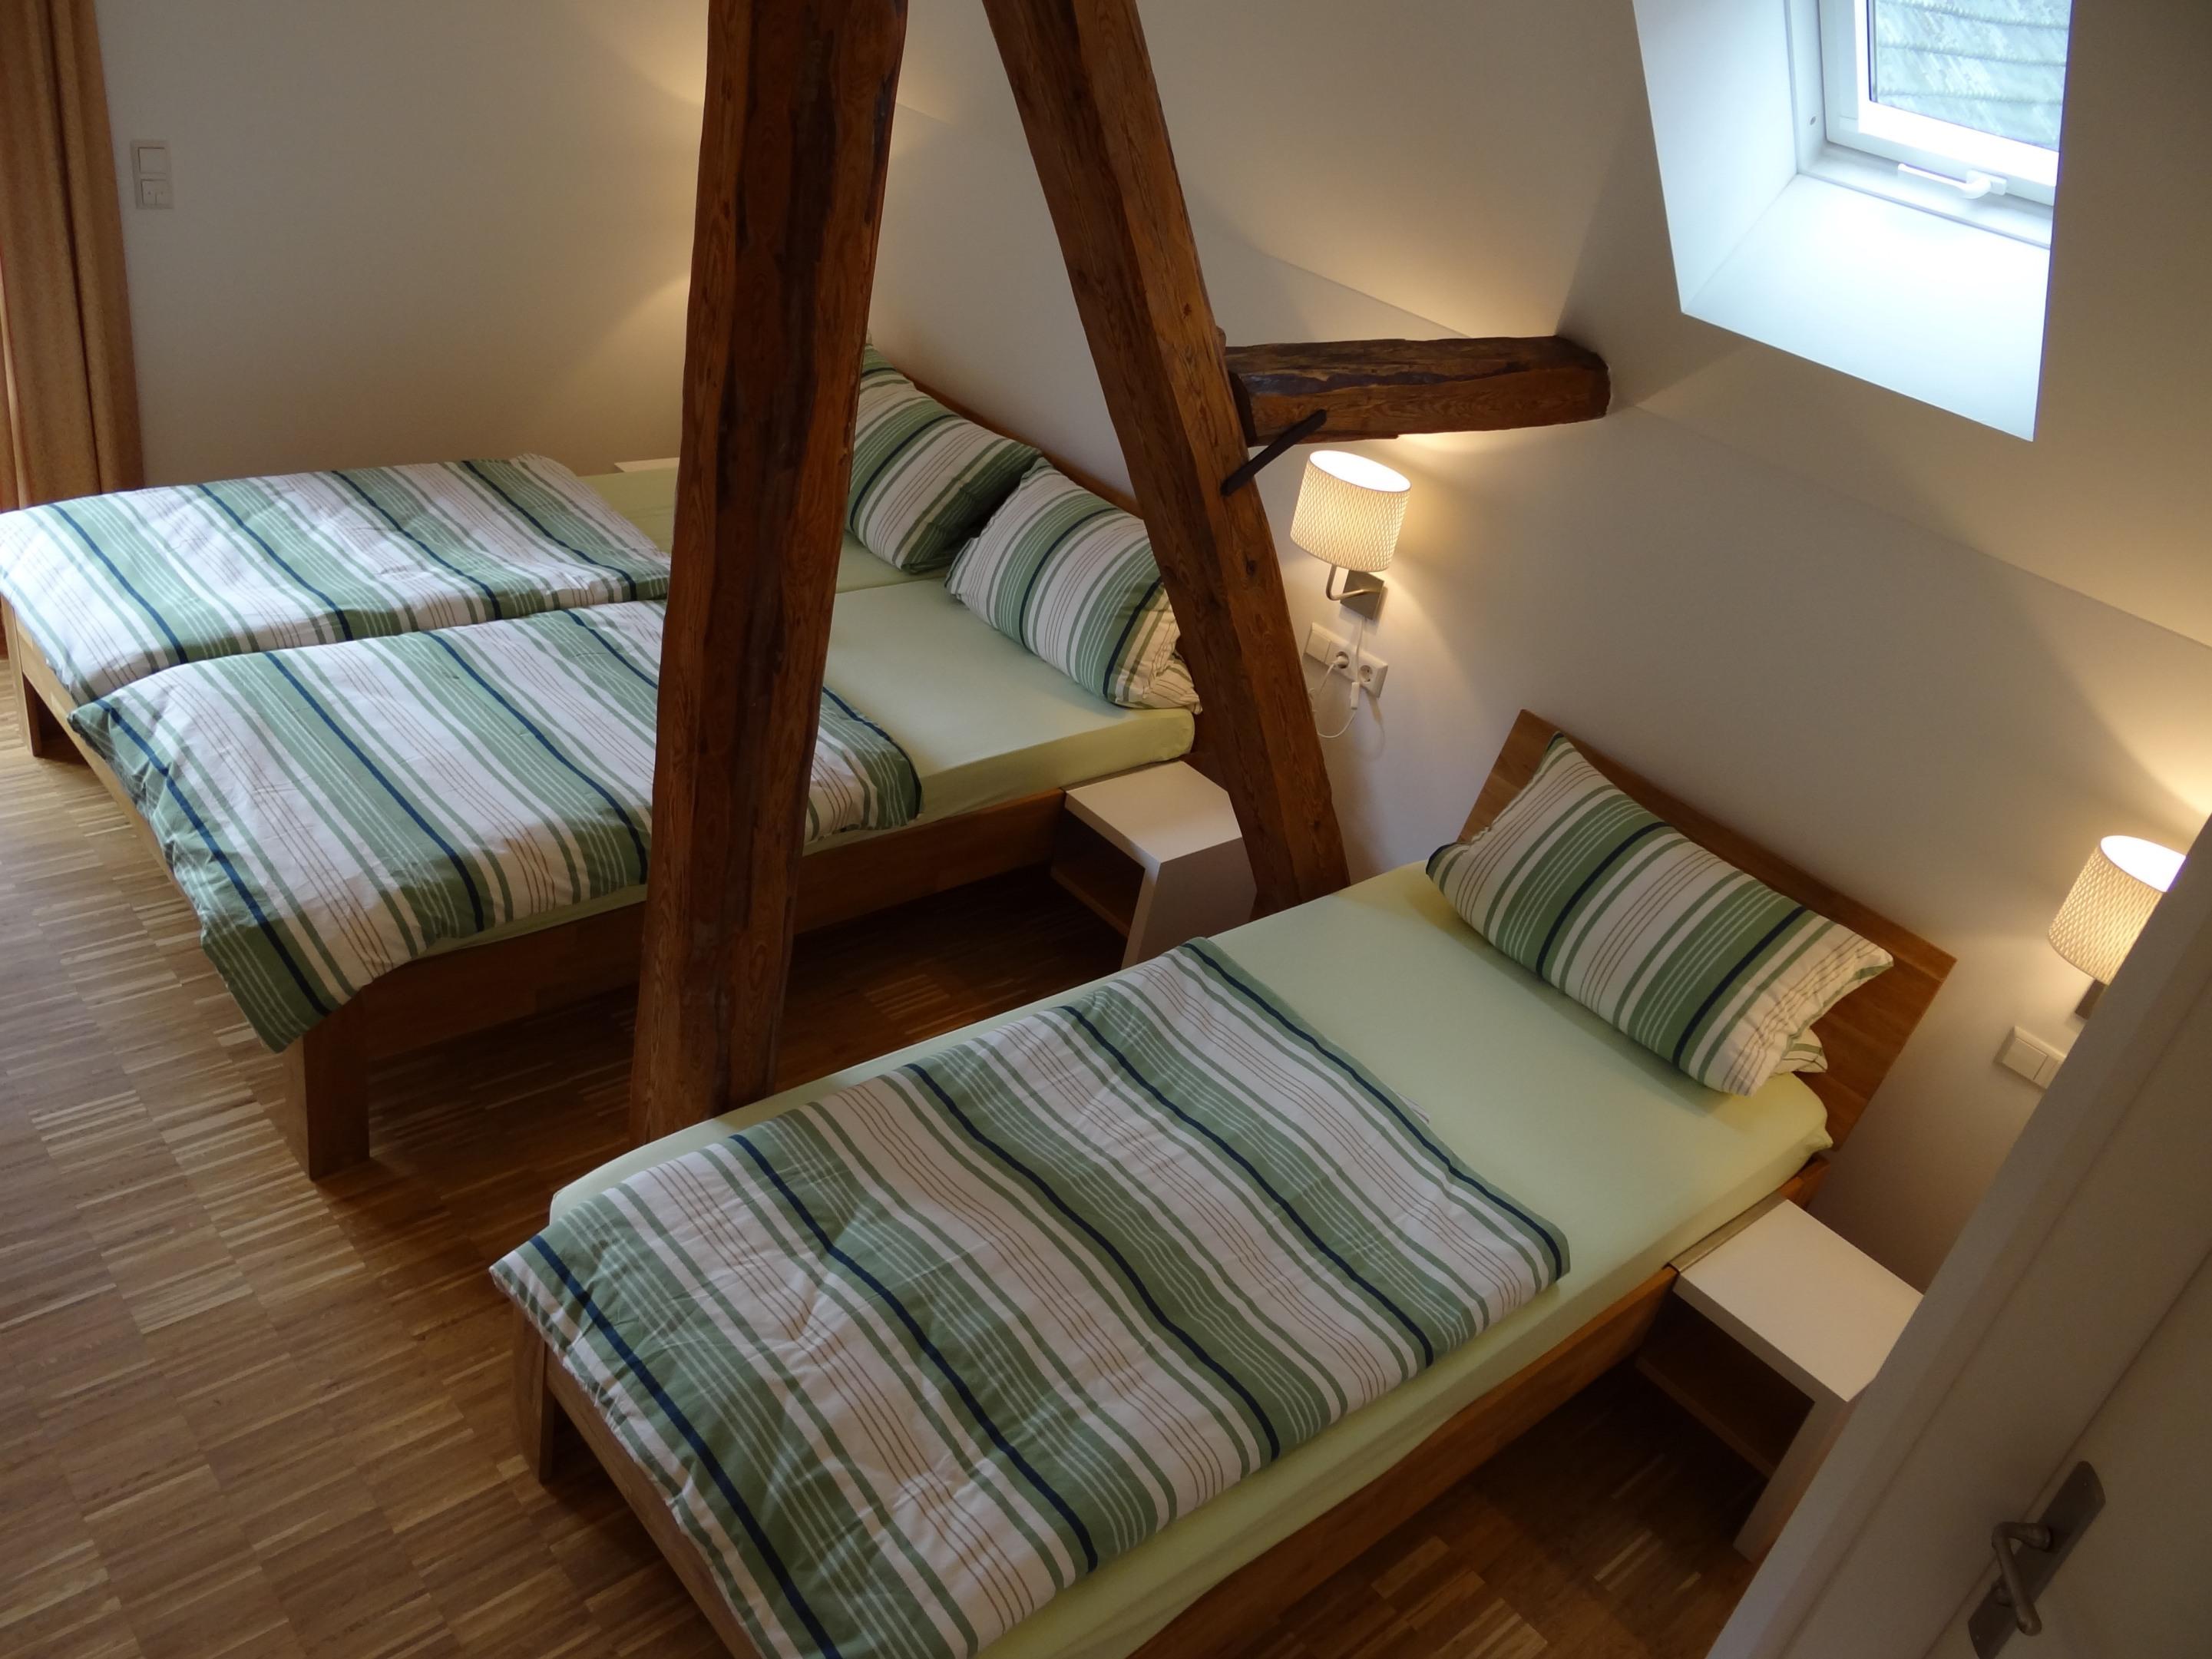 Dreibettzimmer-Ensuite Dusche-Balkon-mit Bergblick